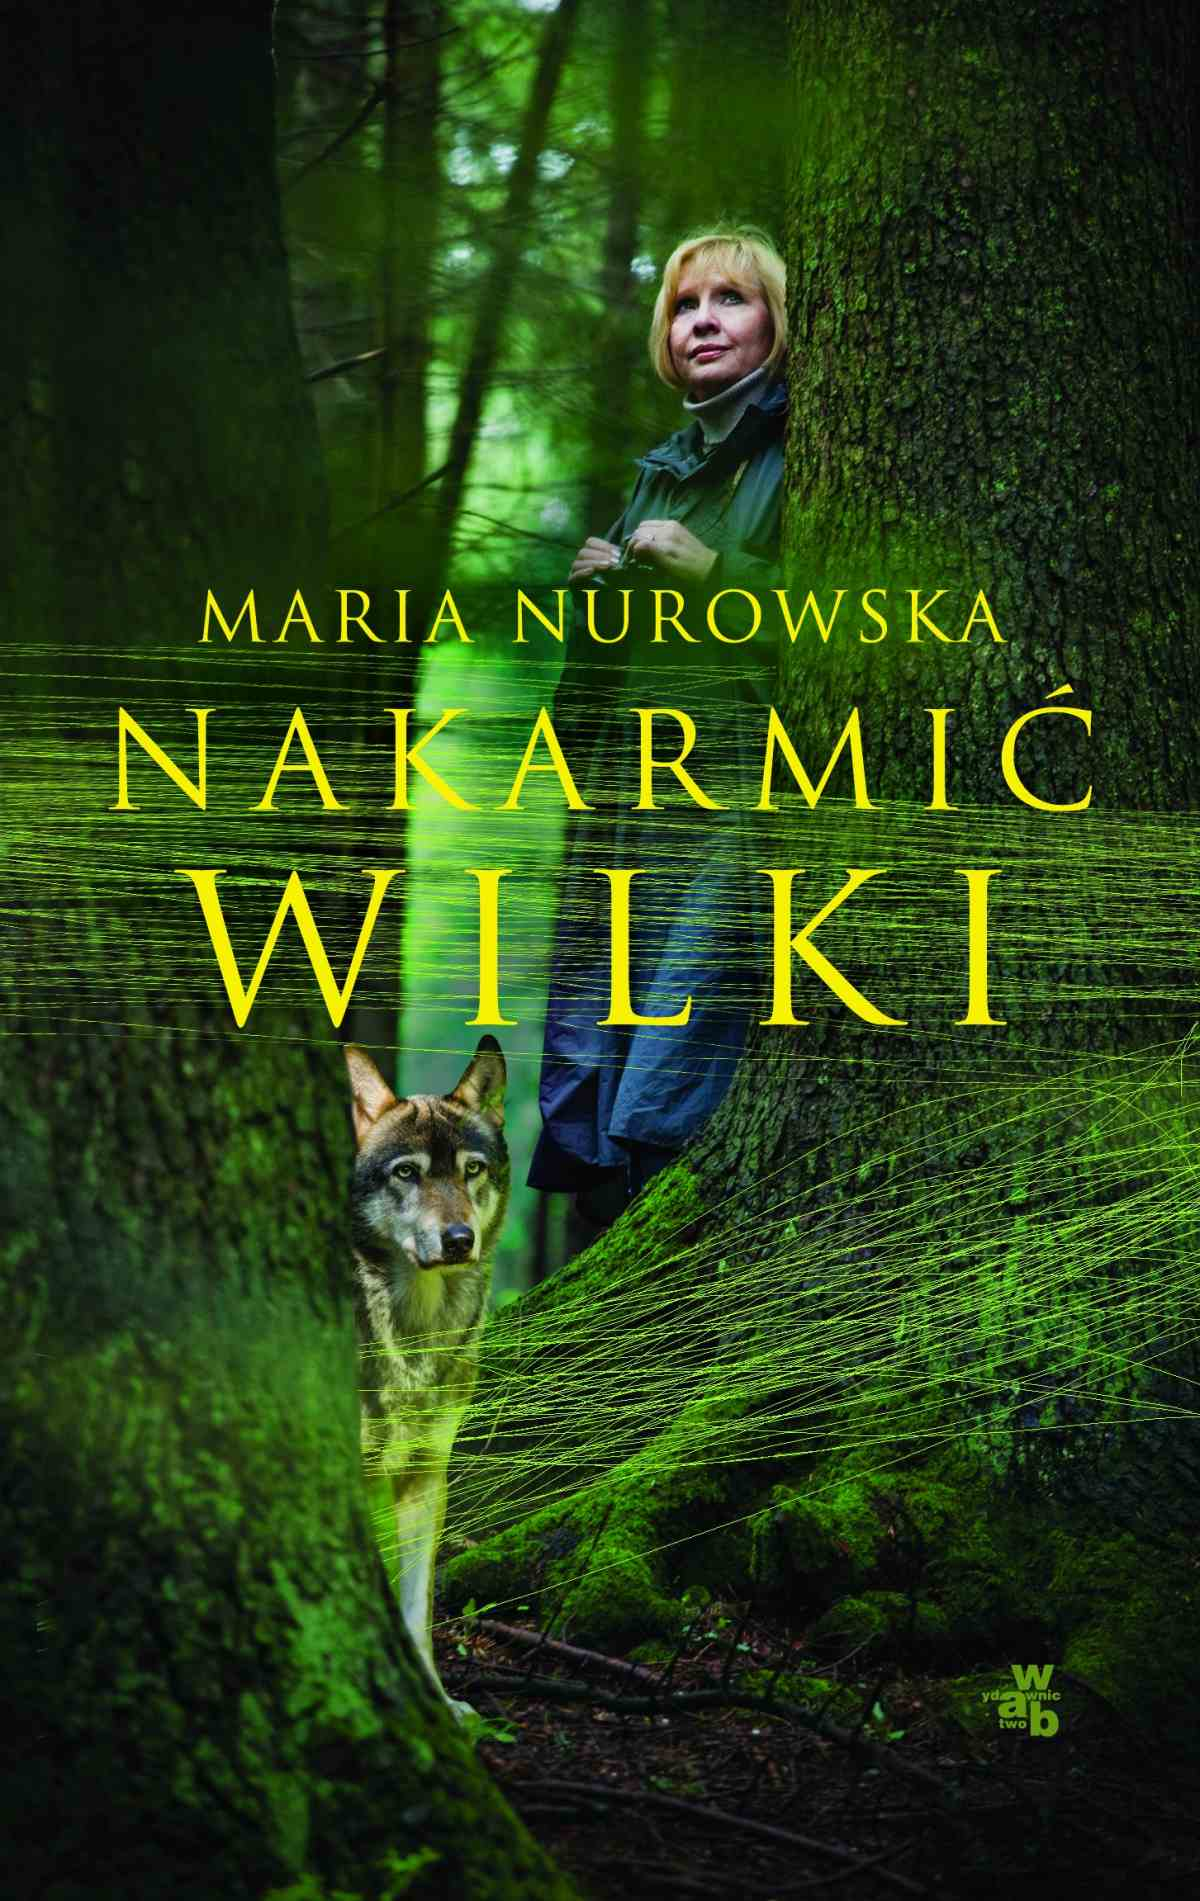 Nakarmić wilki - Ebook (Książka na Kindle) do pobrania w formacie MOBI